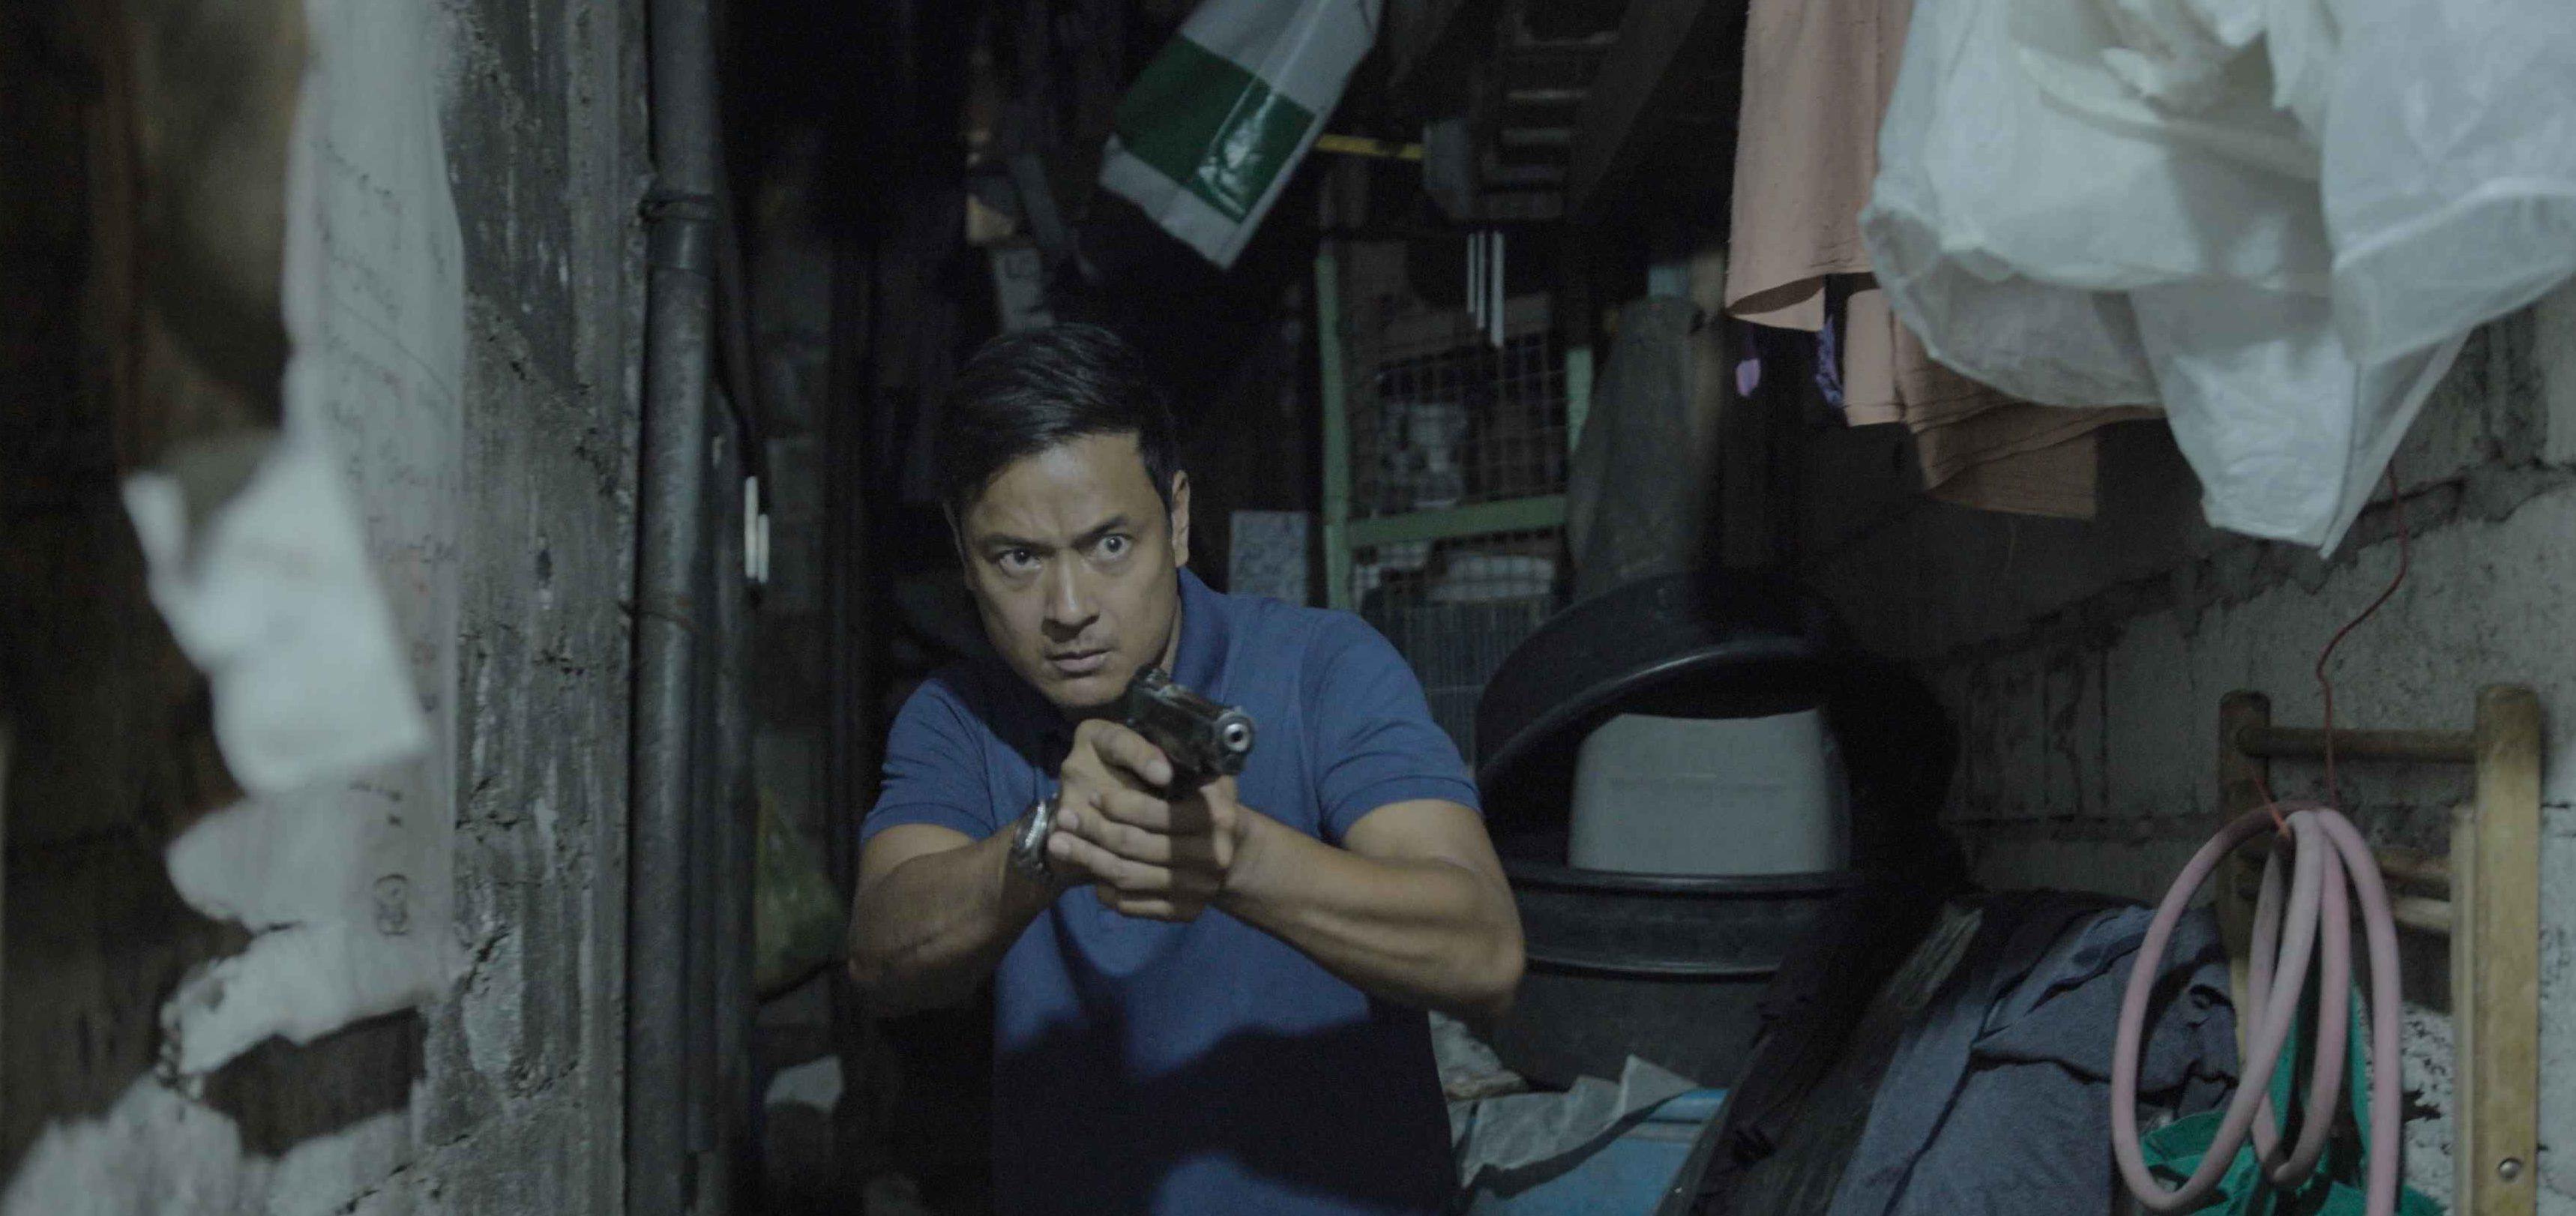 Alpha - The Right to Kill de Brillante Ma. Mendoza